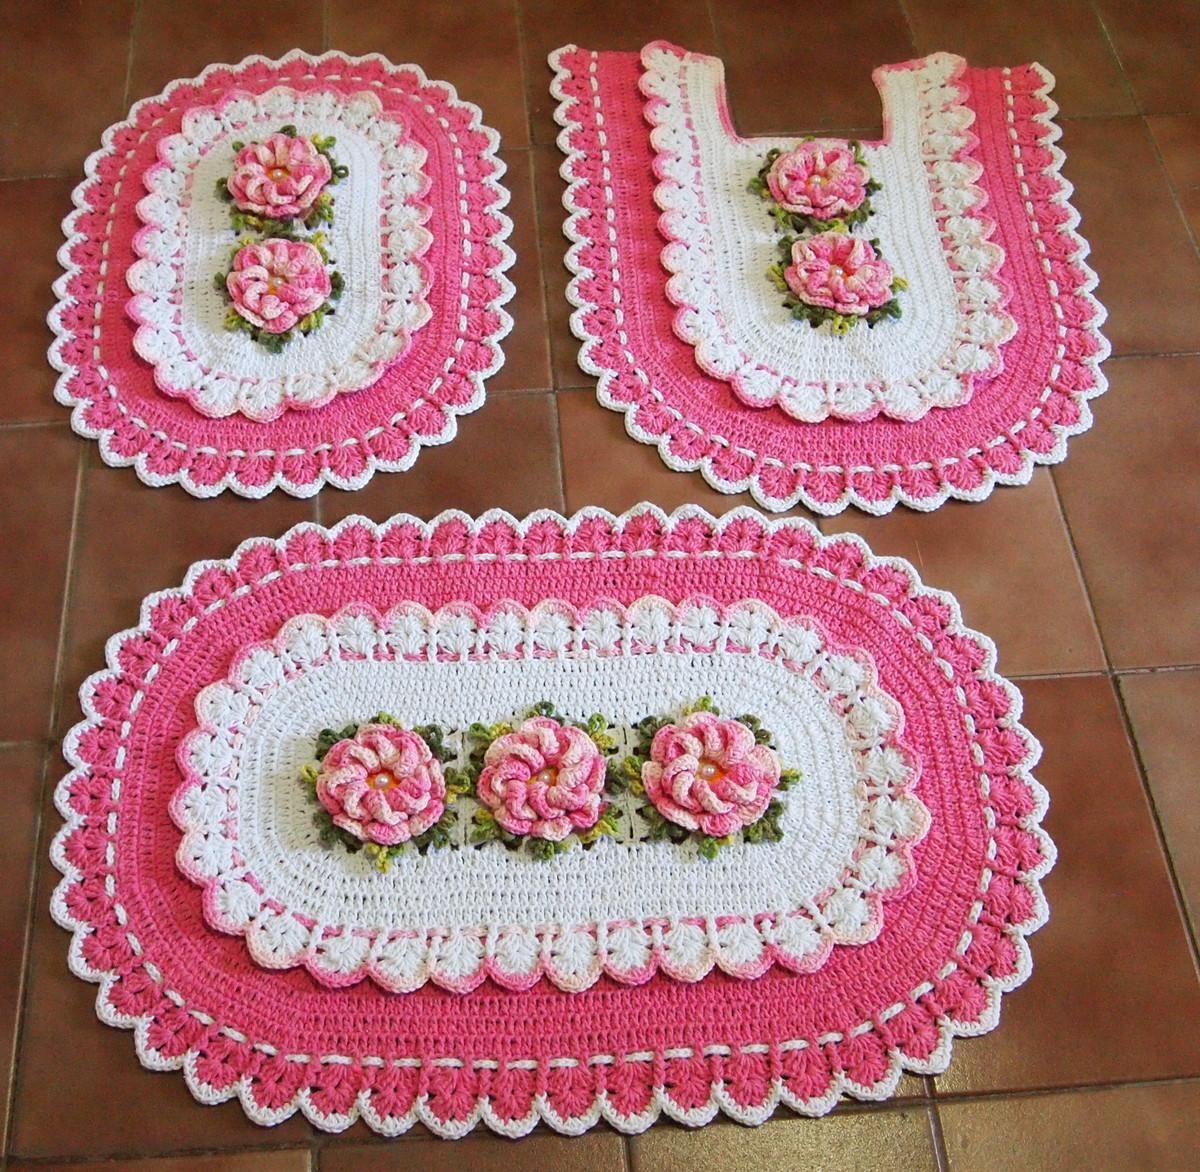 Jogo De Banheiro Verde E Branco : Jogo de banheiro branco rosa bebe croches da elsa elo